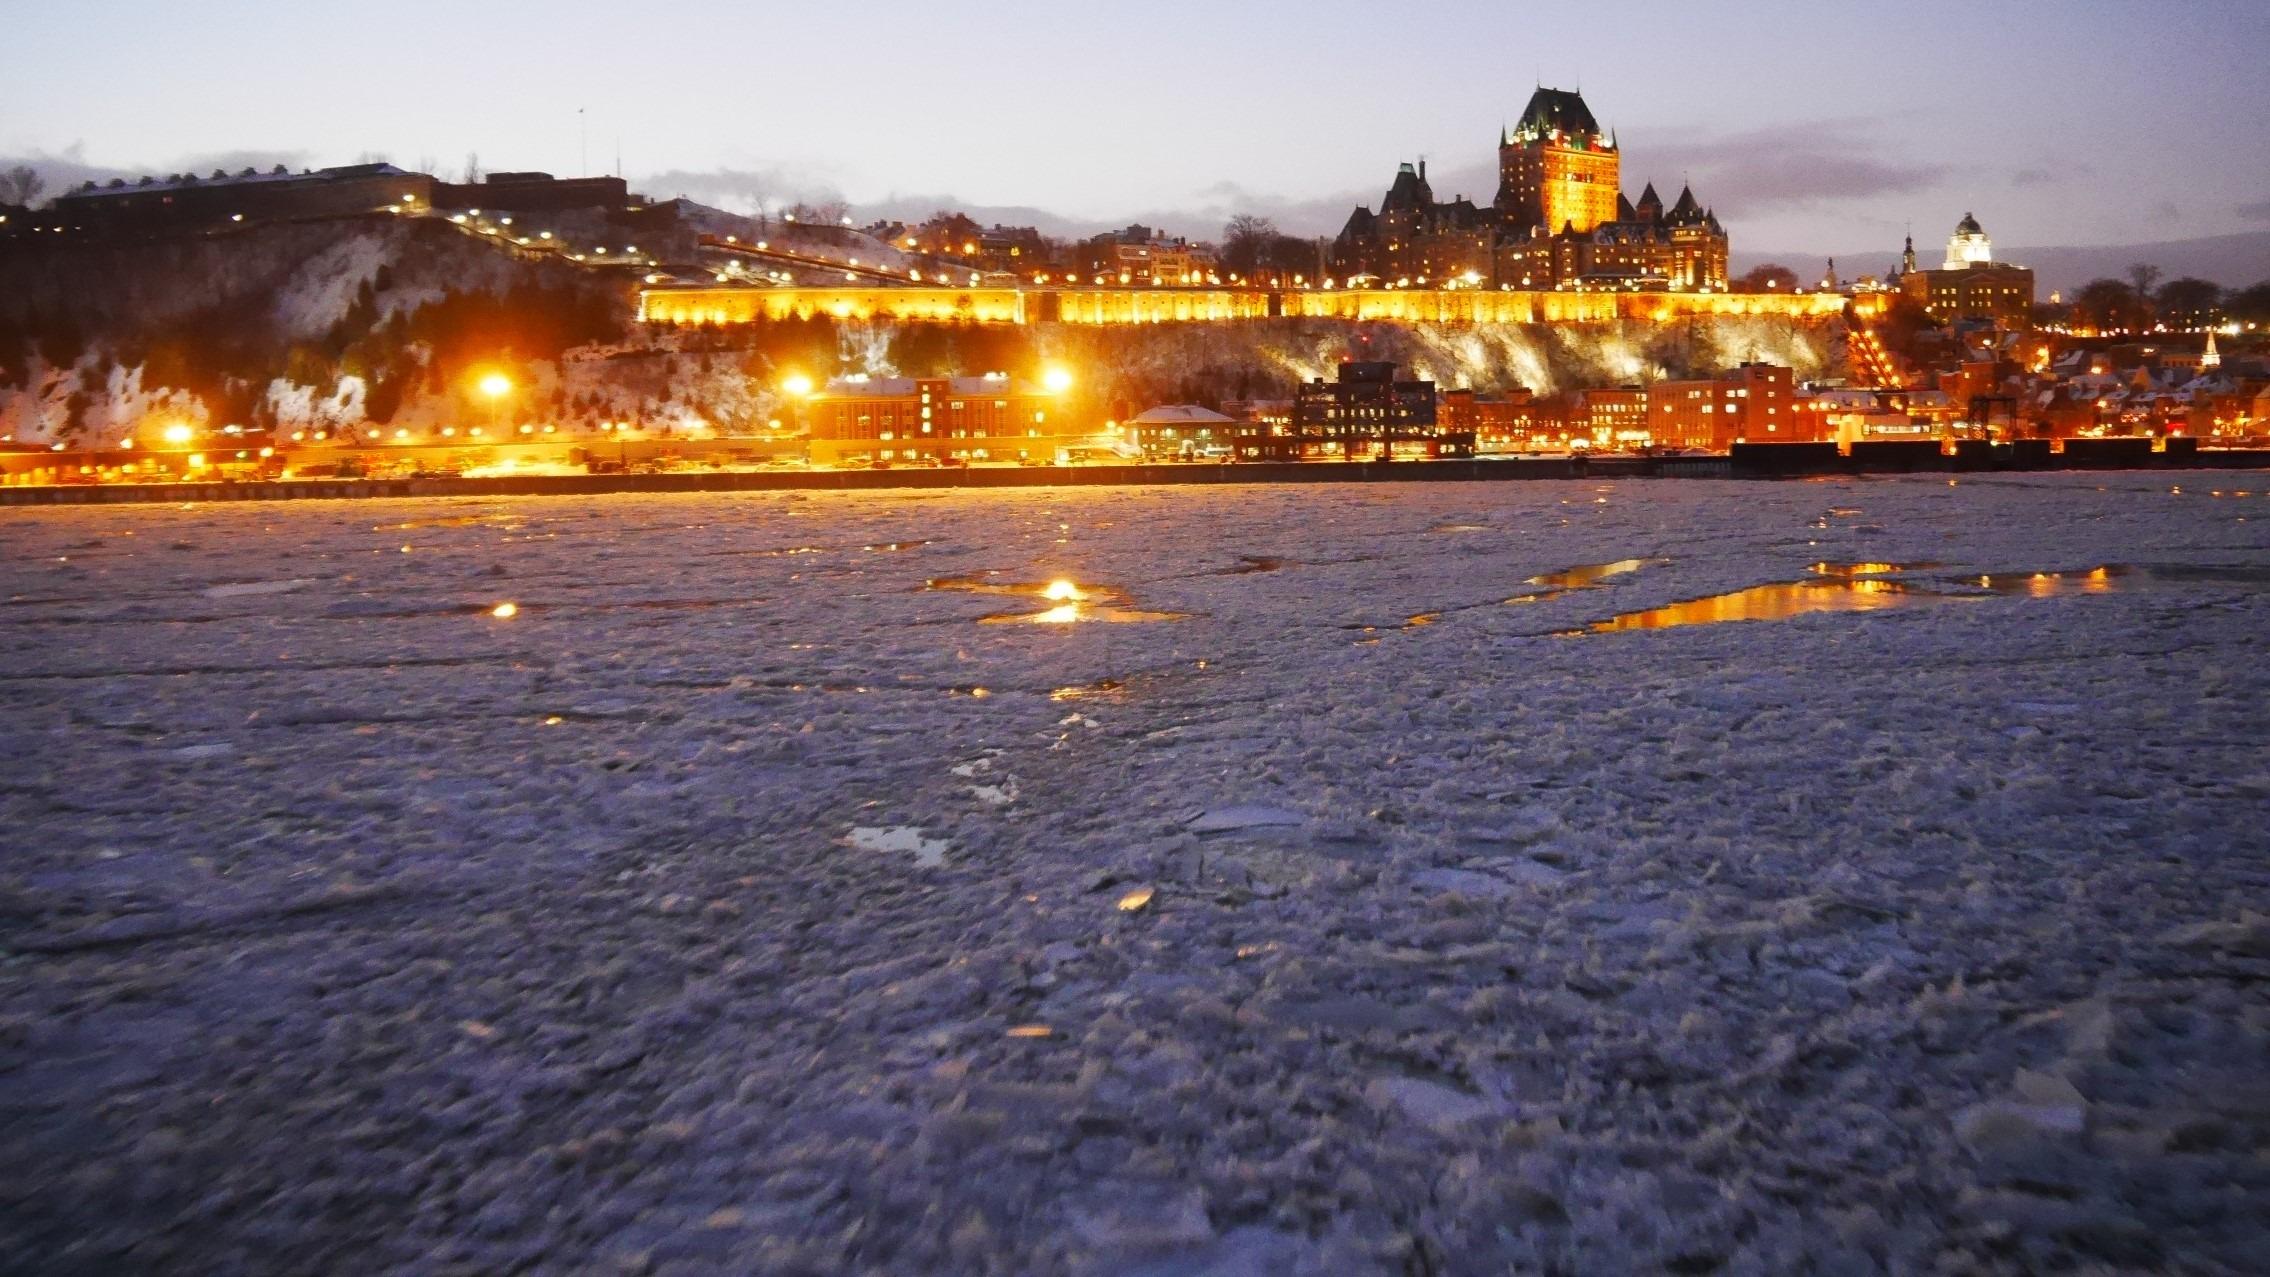 Quebec Noel traversier levis infos pratiques blog voyage canada fetes arpenter le chemin